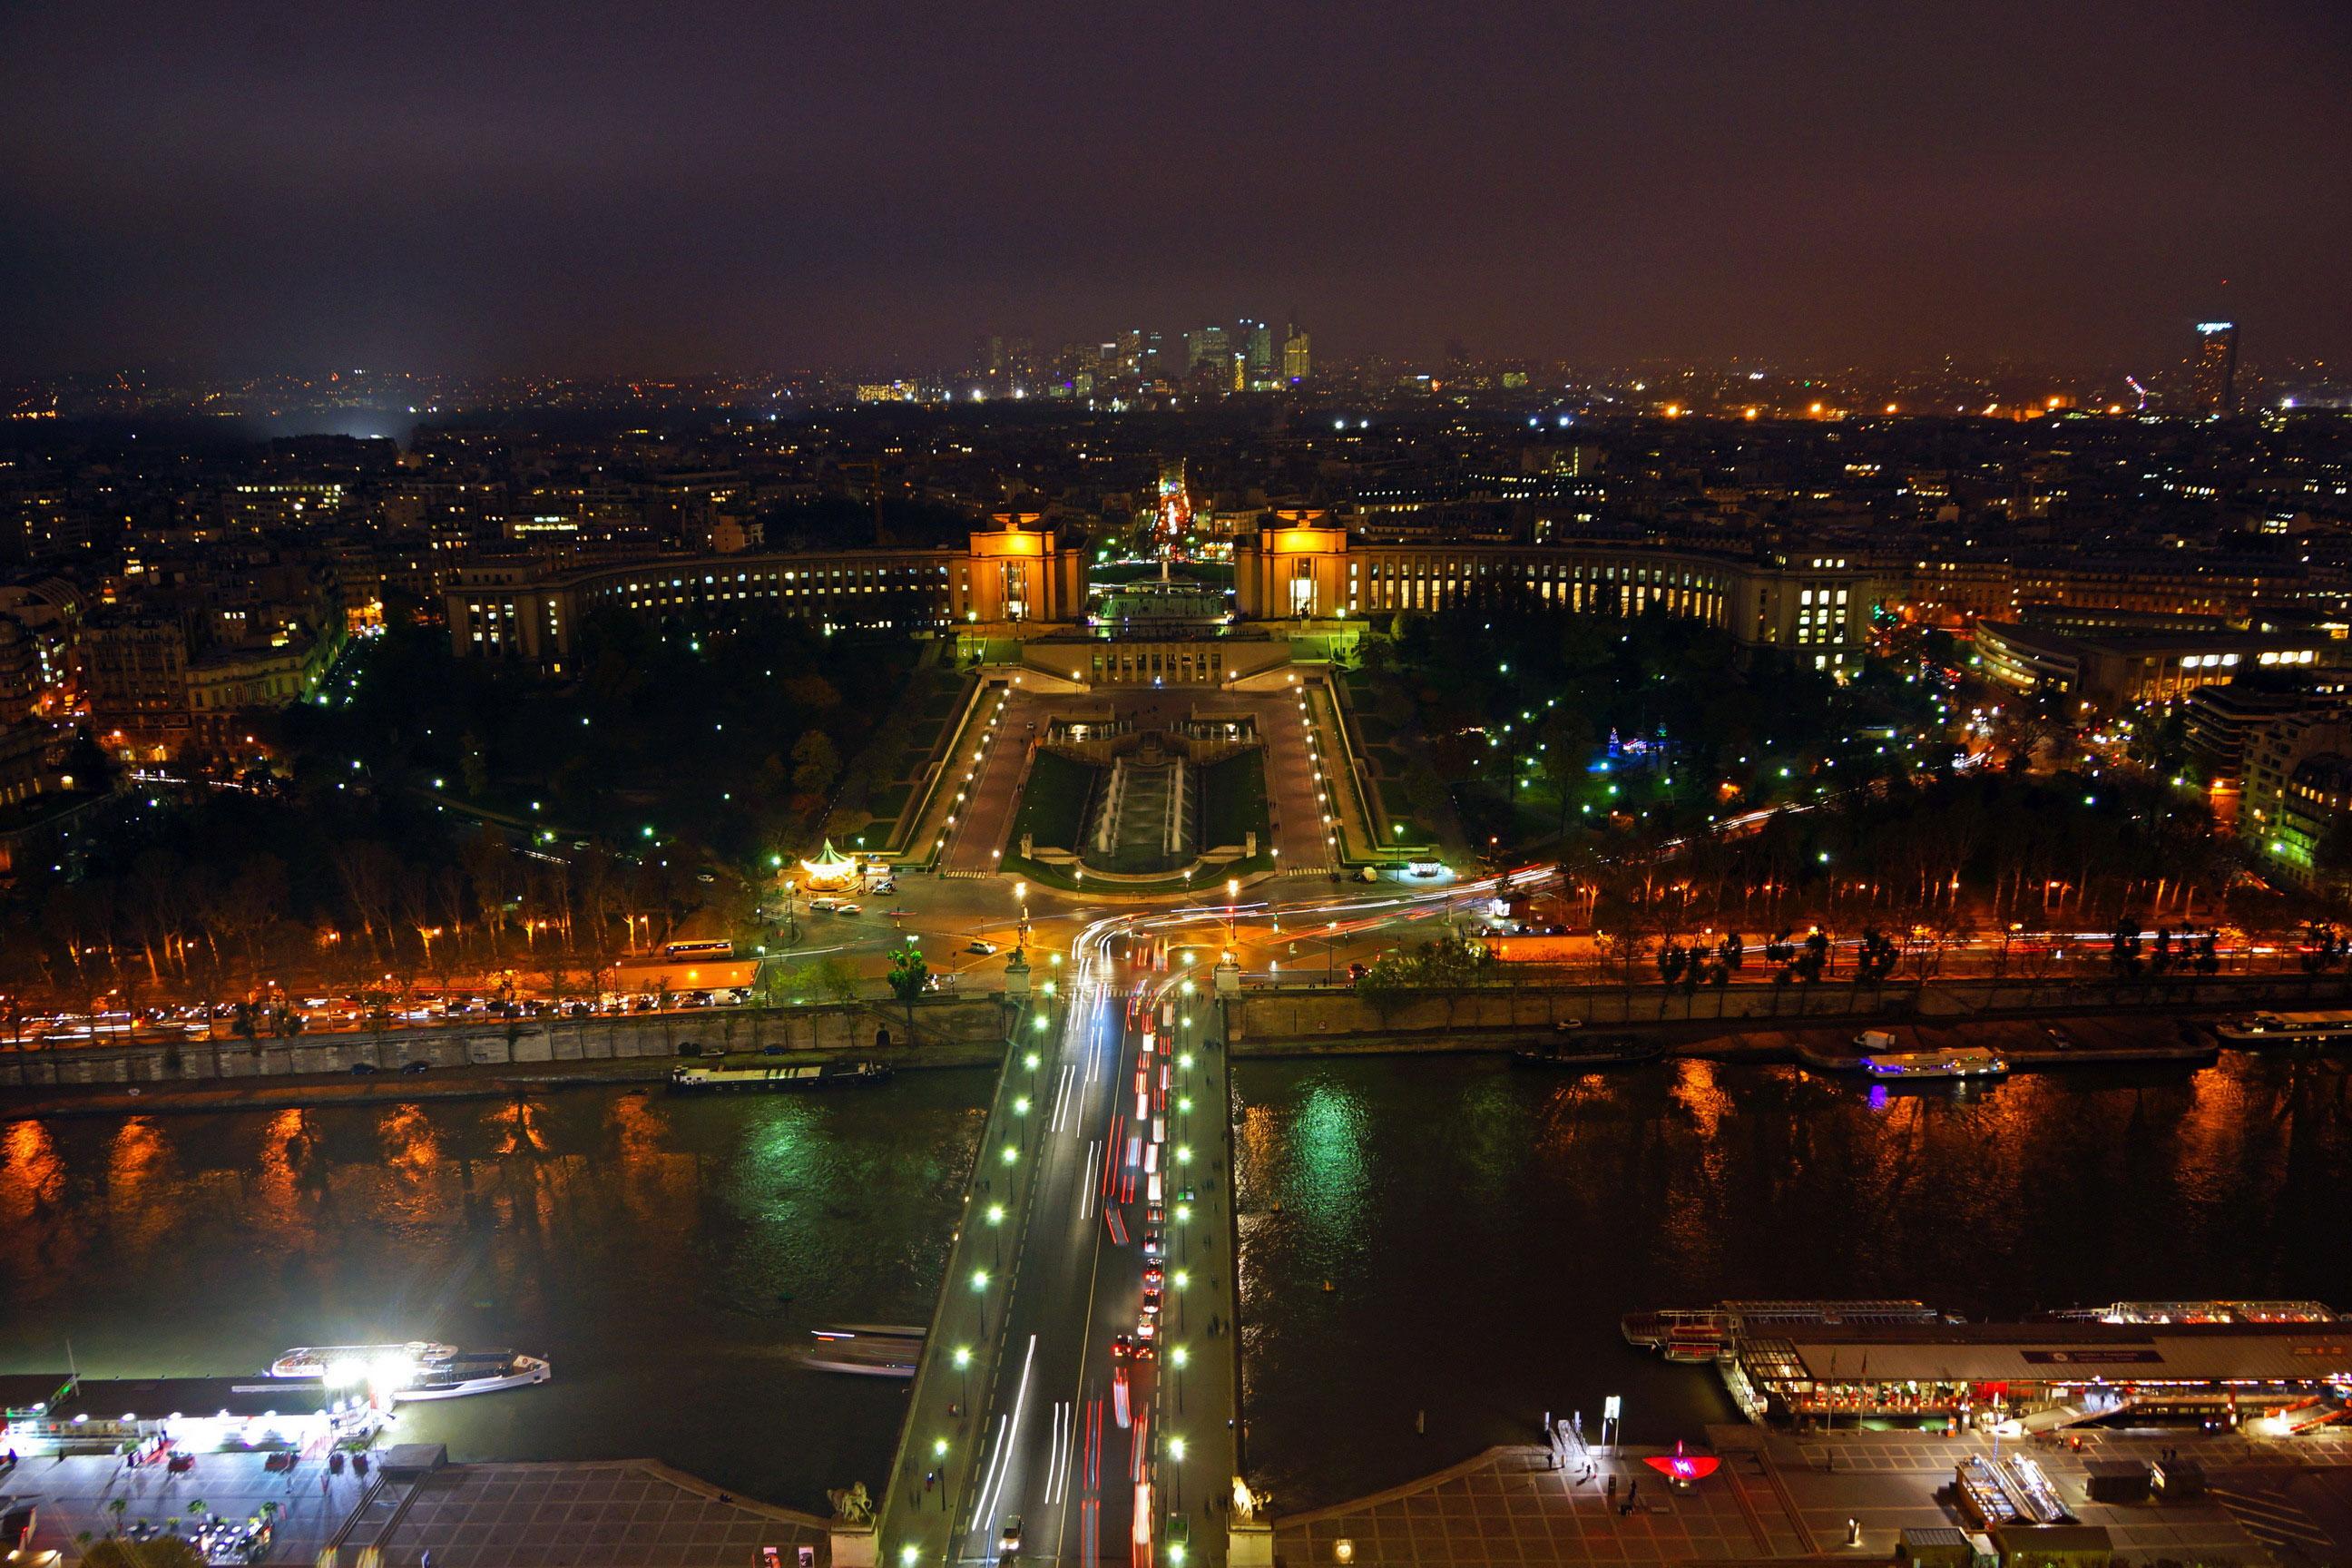 ville de paris la nuit